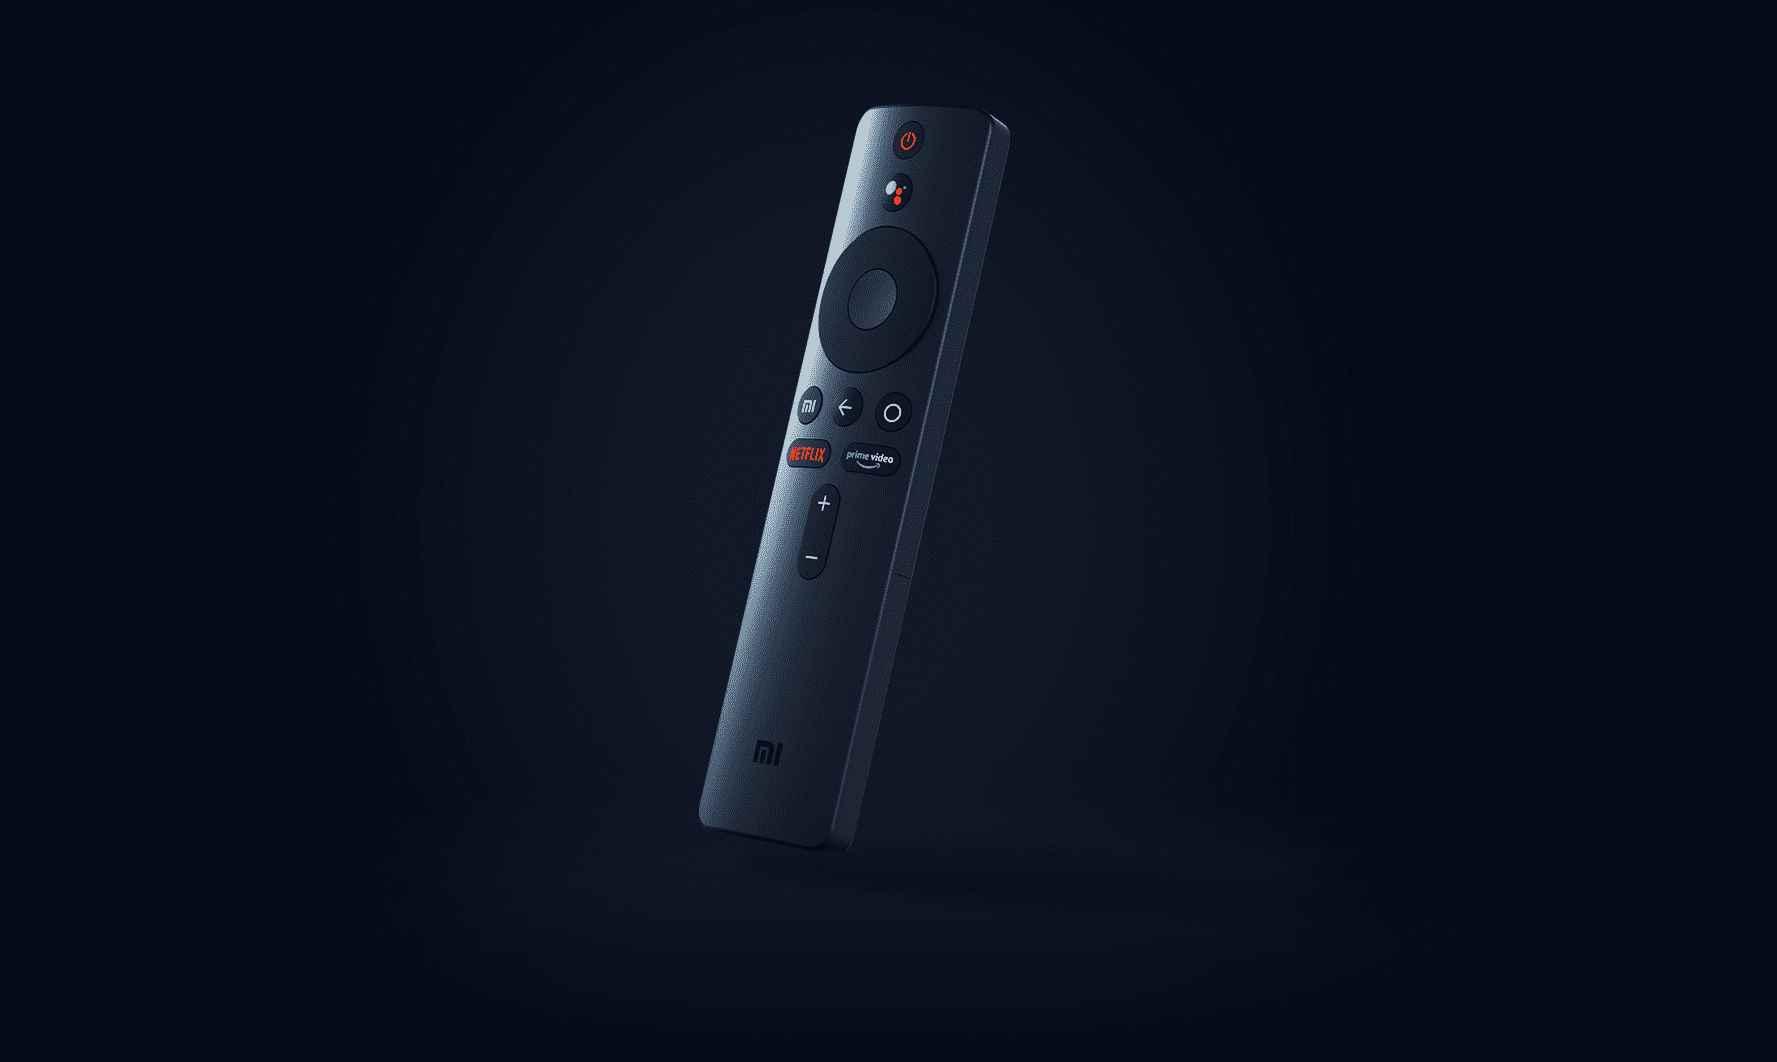 MI TV remote control